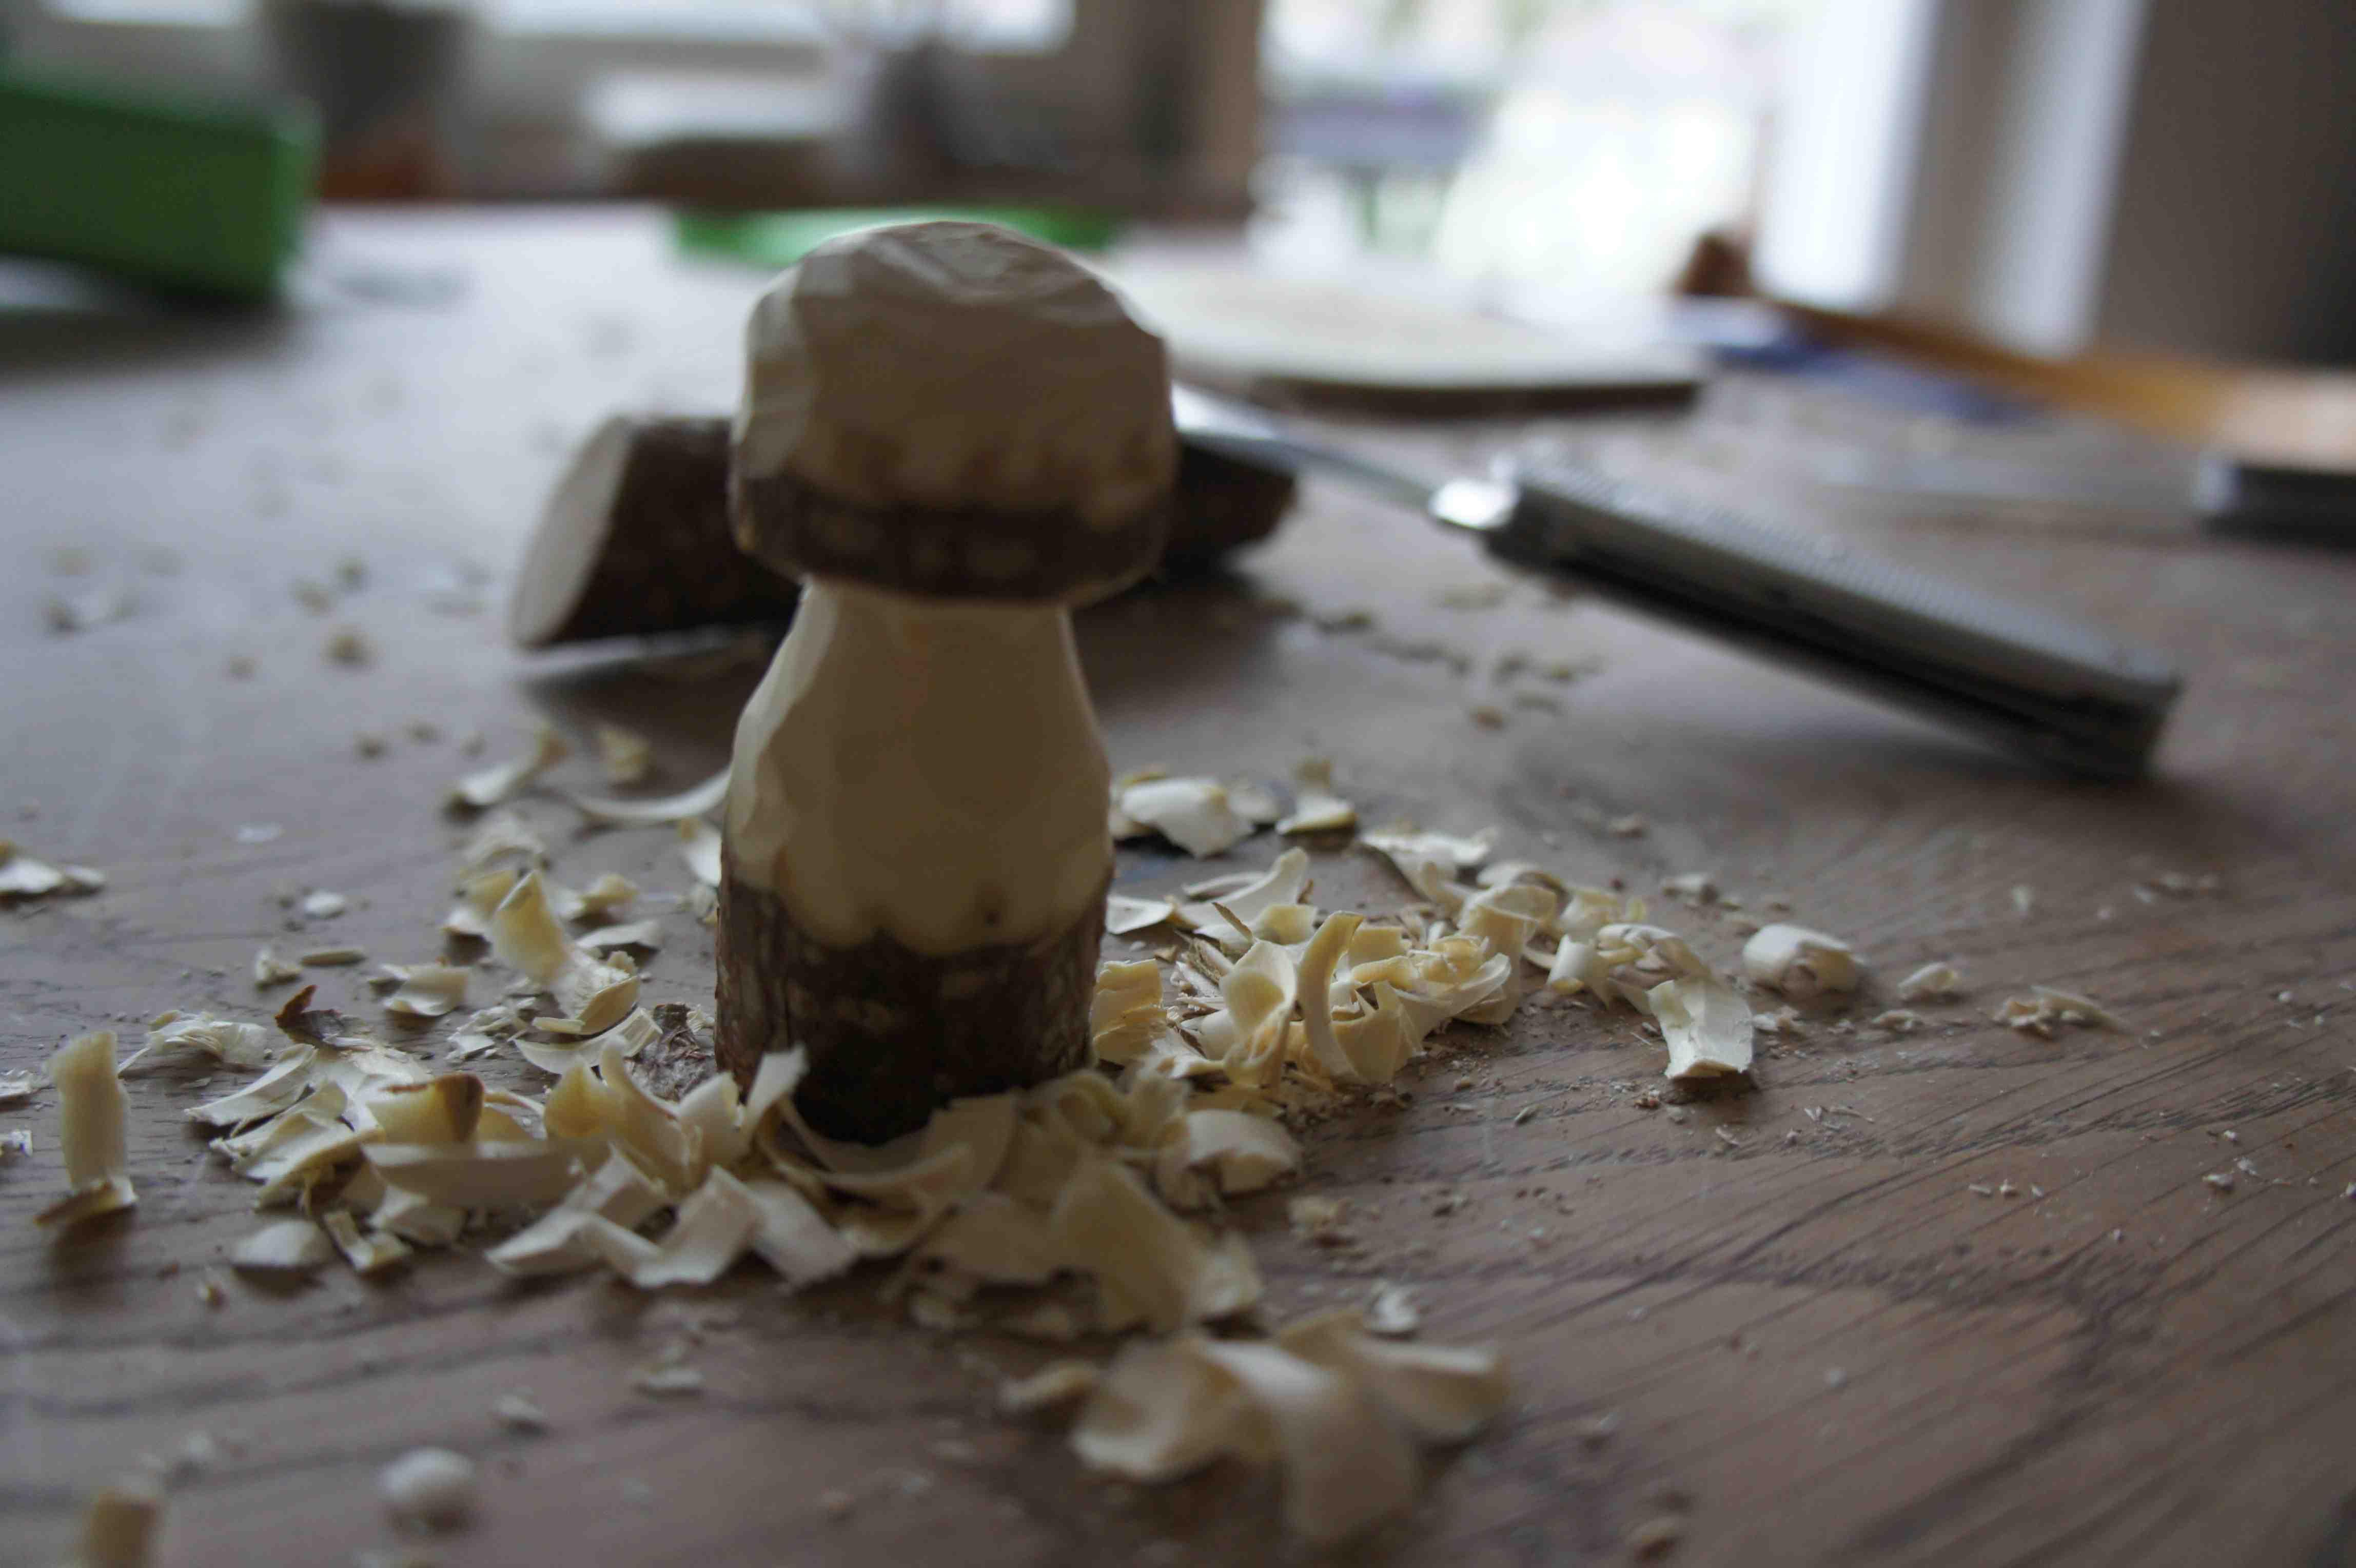 So sieht der fertige Haselnuss-Pilz aus. Eine tolle Bastelei für Kinder! Foto: (c) Kinderoutdoor.de